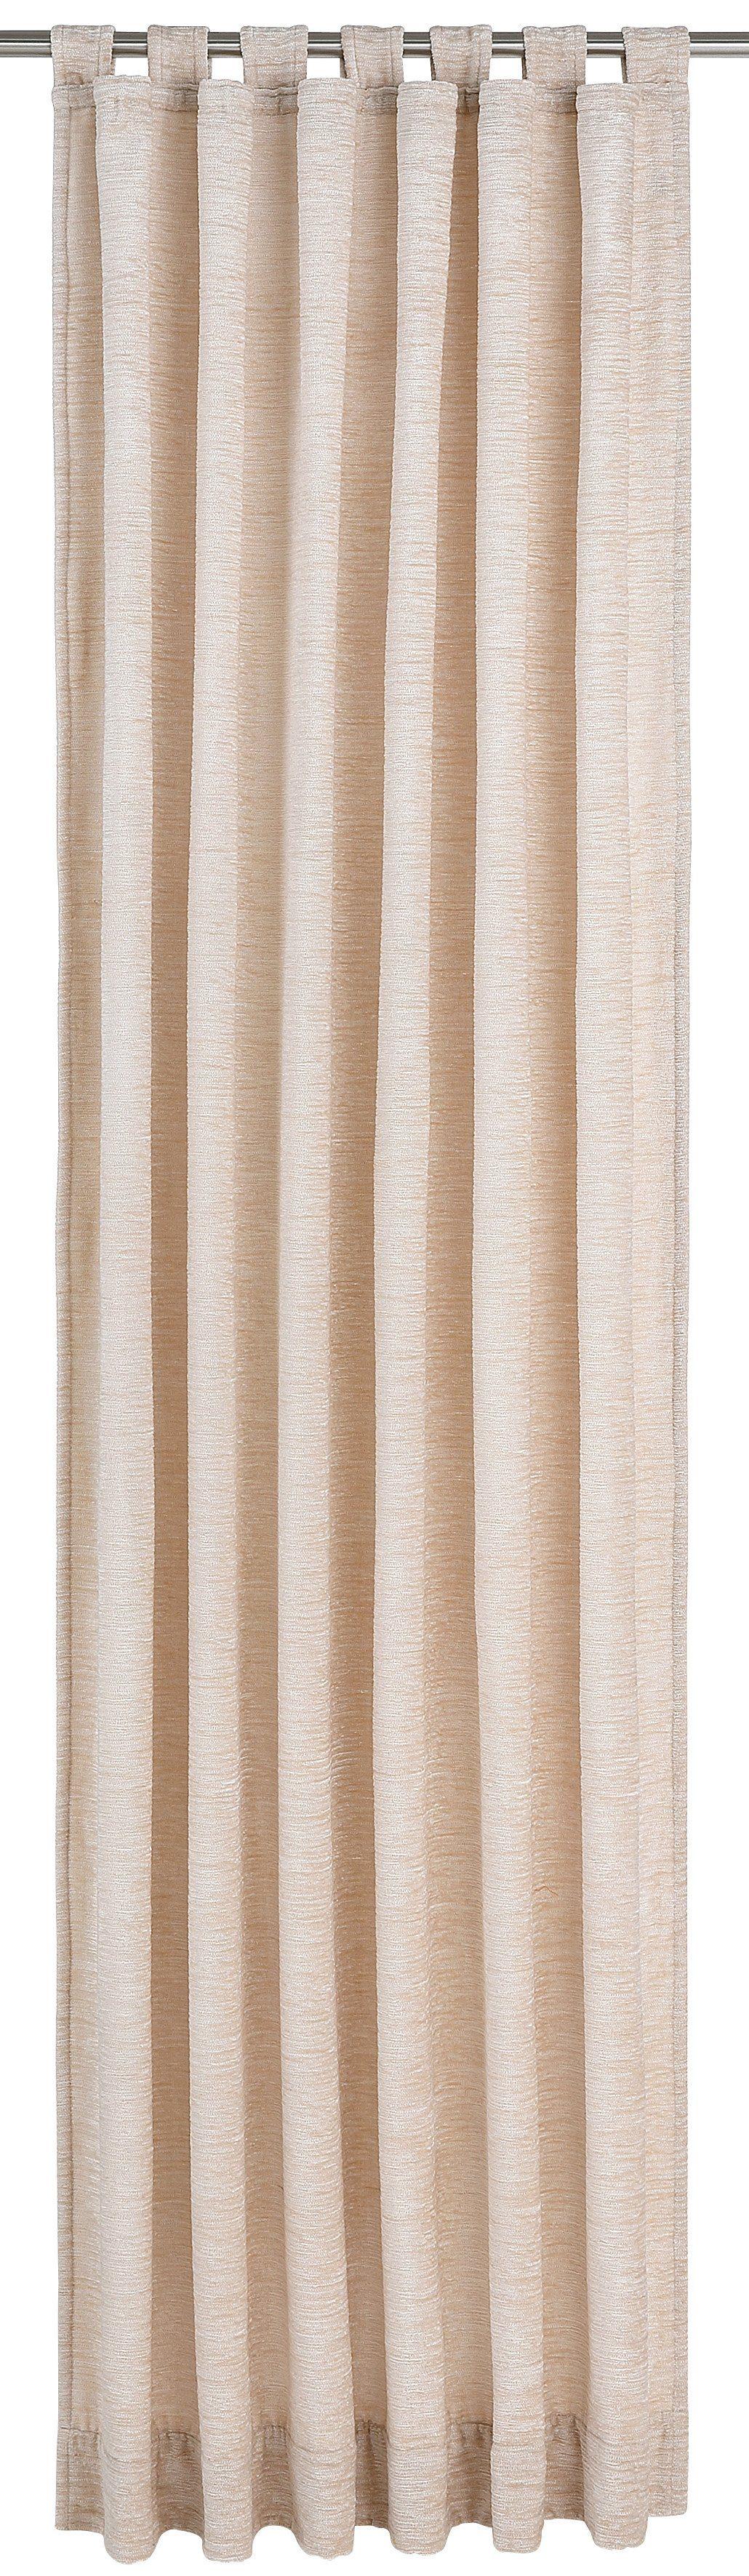 Vorhang »Trondheim 234 g/m²«, Wirth, Schlaufen (1 Stück)